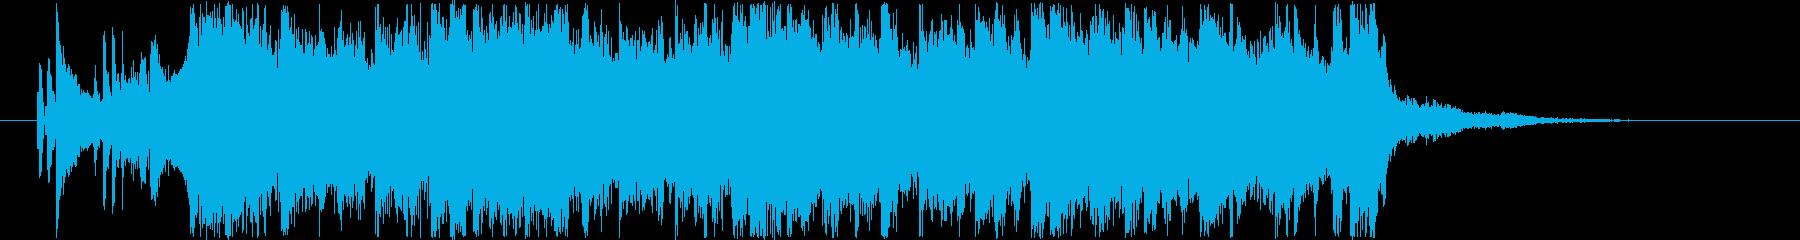 爽やかなロック風ジングル CMの再生済みの波形